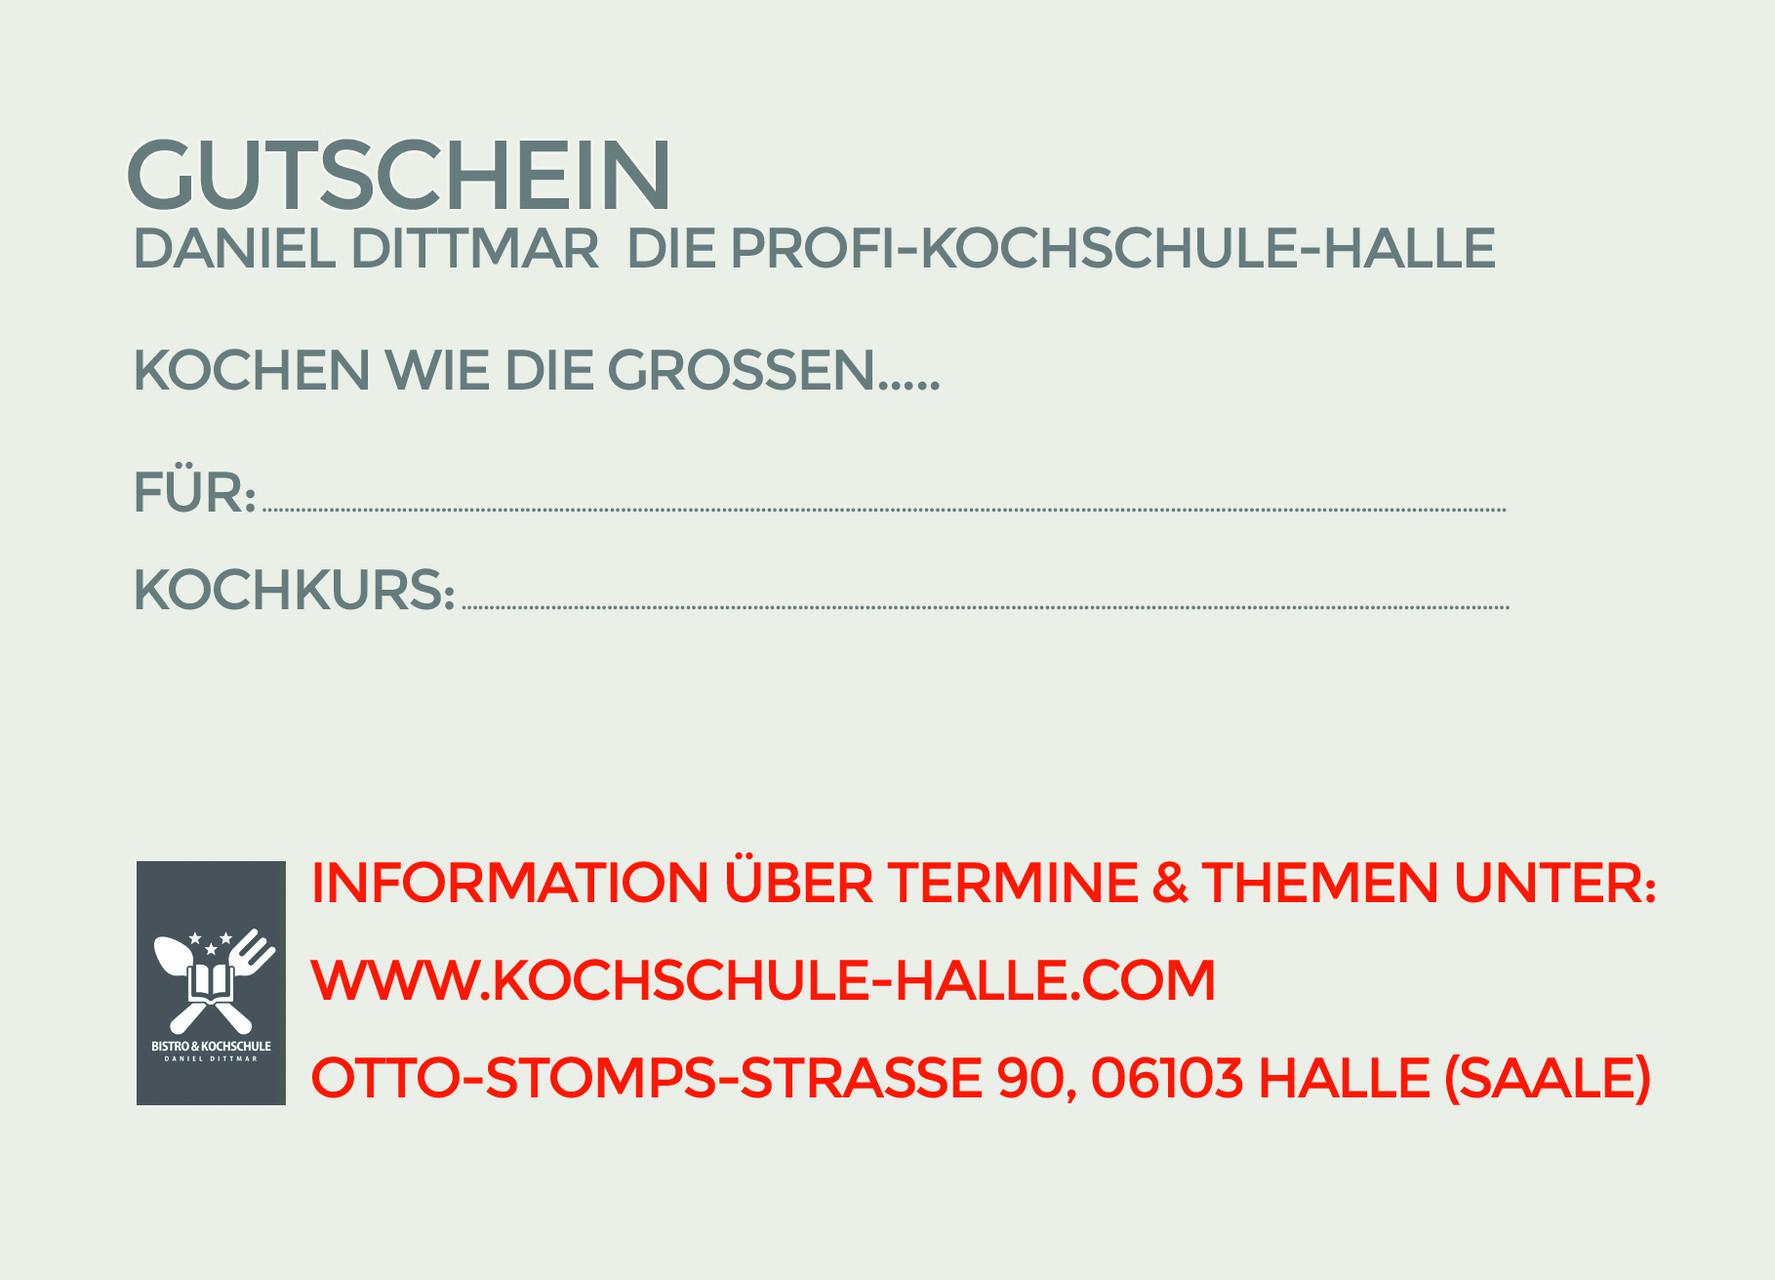 forum halle partnervermittlung single dgw kochkurs  Partnerbörse für alleinerziehende chat. Partnerbörse für alleinerziehende chat.